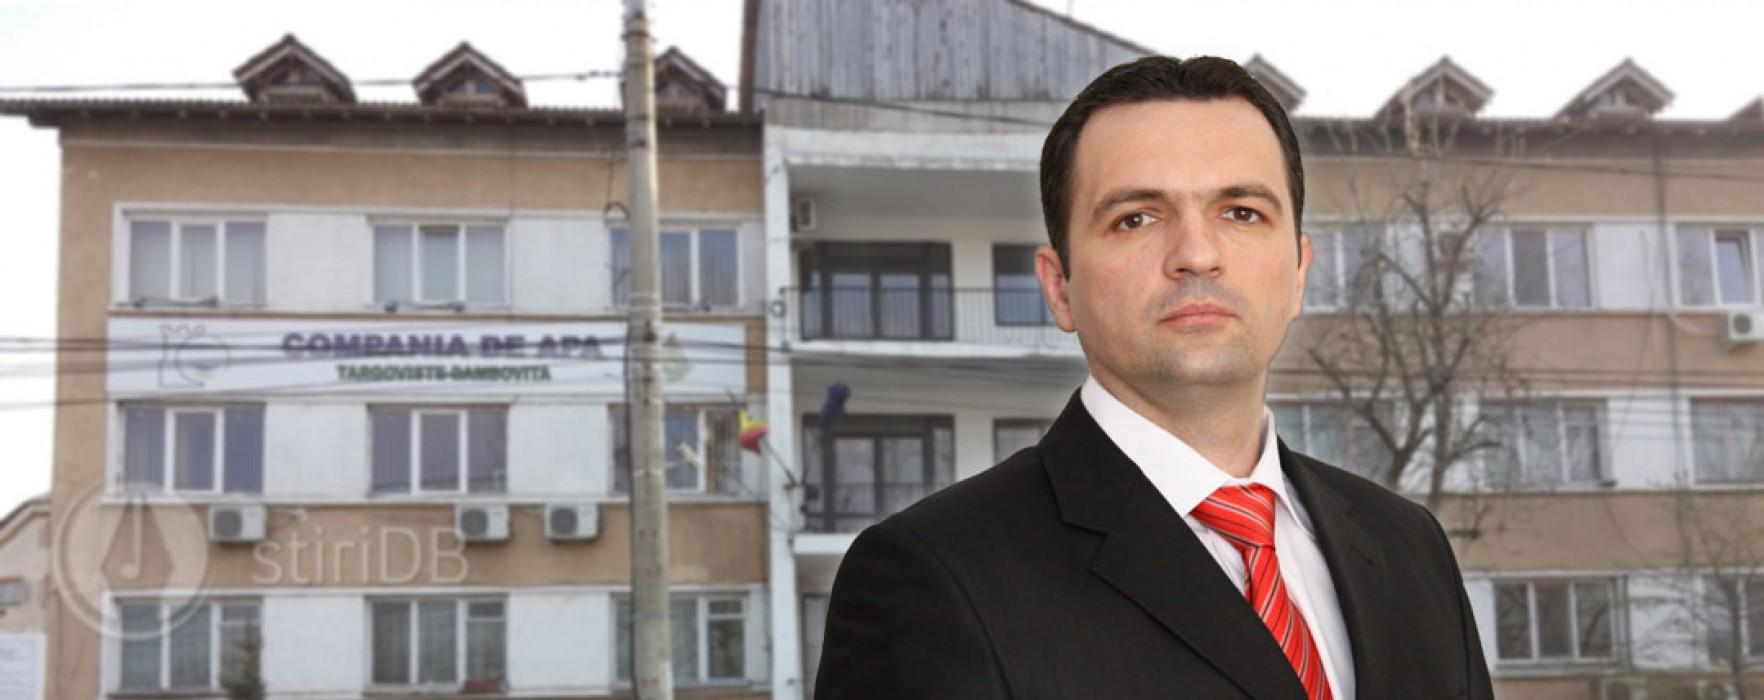 Primarul Târgoviştei: Cer demisia conducerii companiei de apă; sunt corecţii de sute de miliarde lei vechi